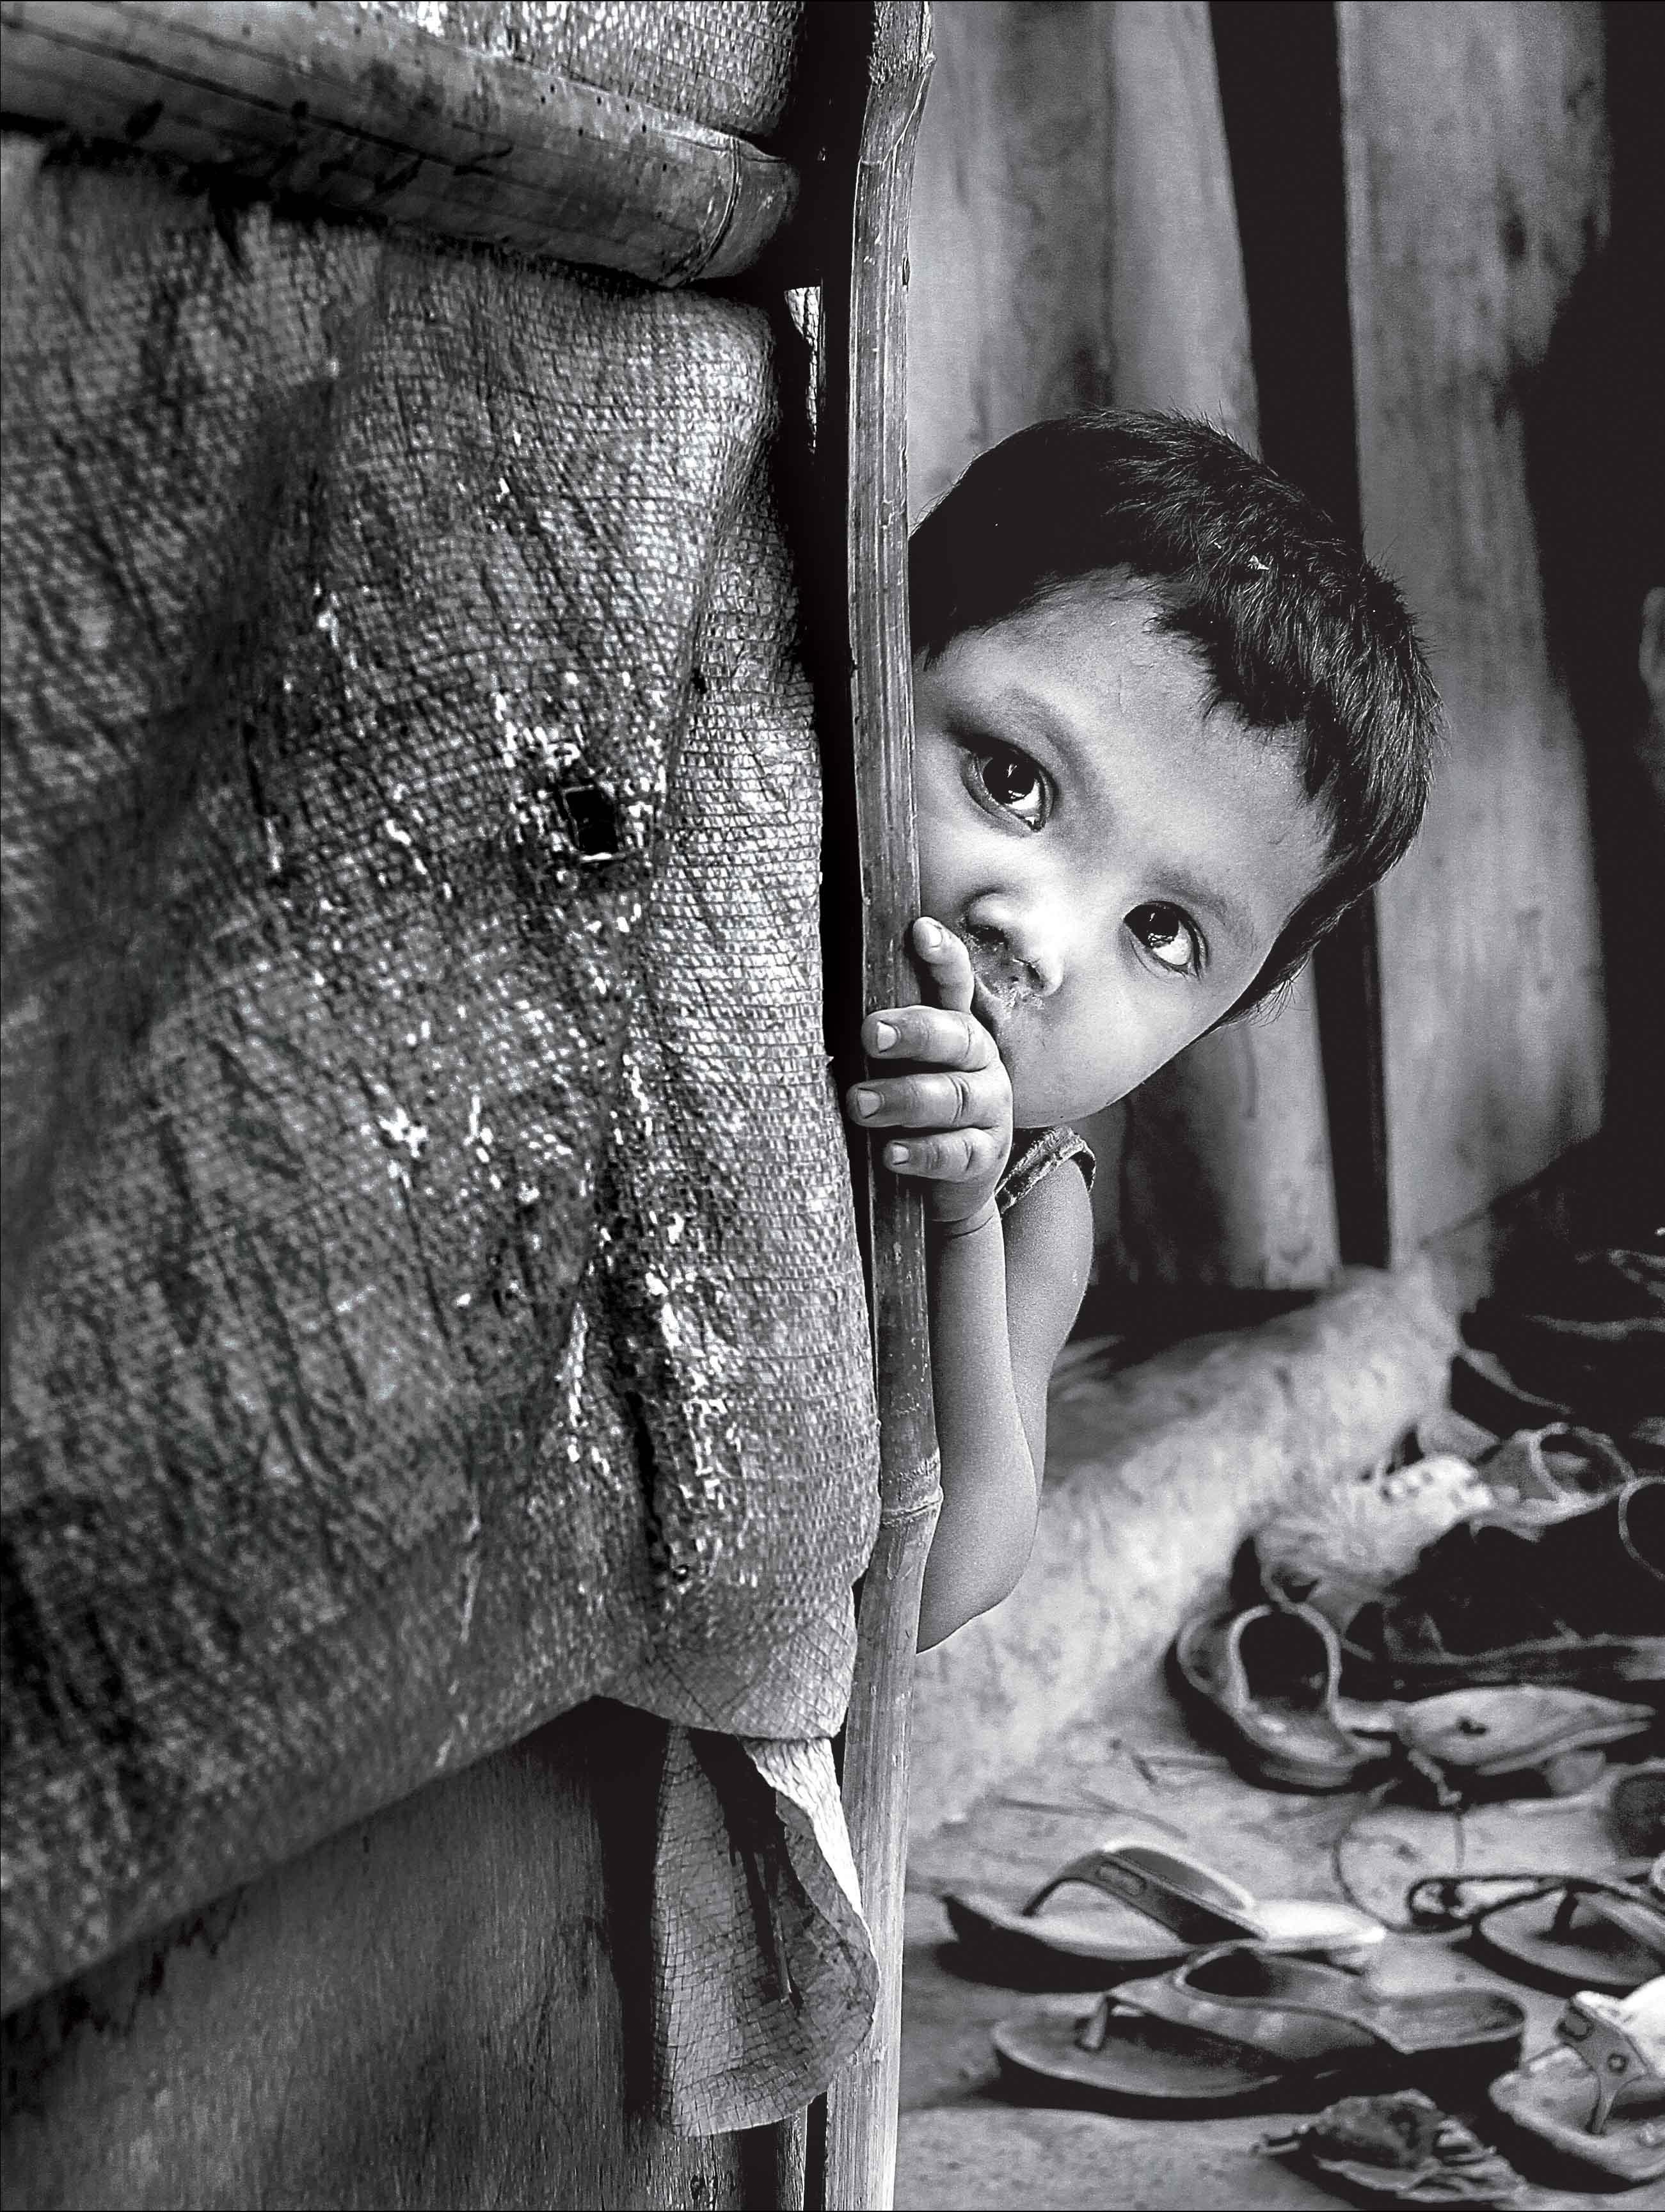 चित्र कथा : बे-वतन बच्चे